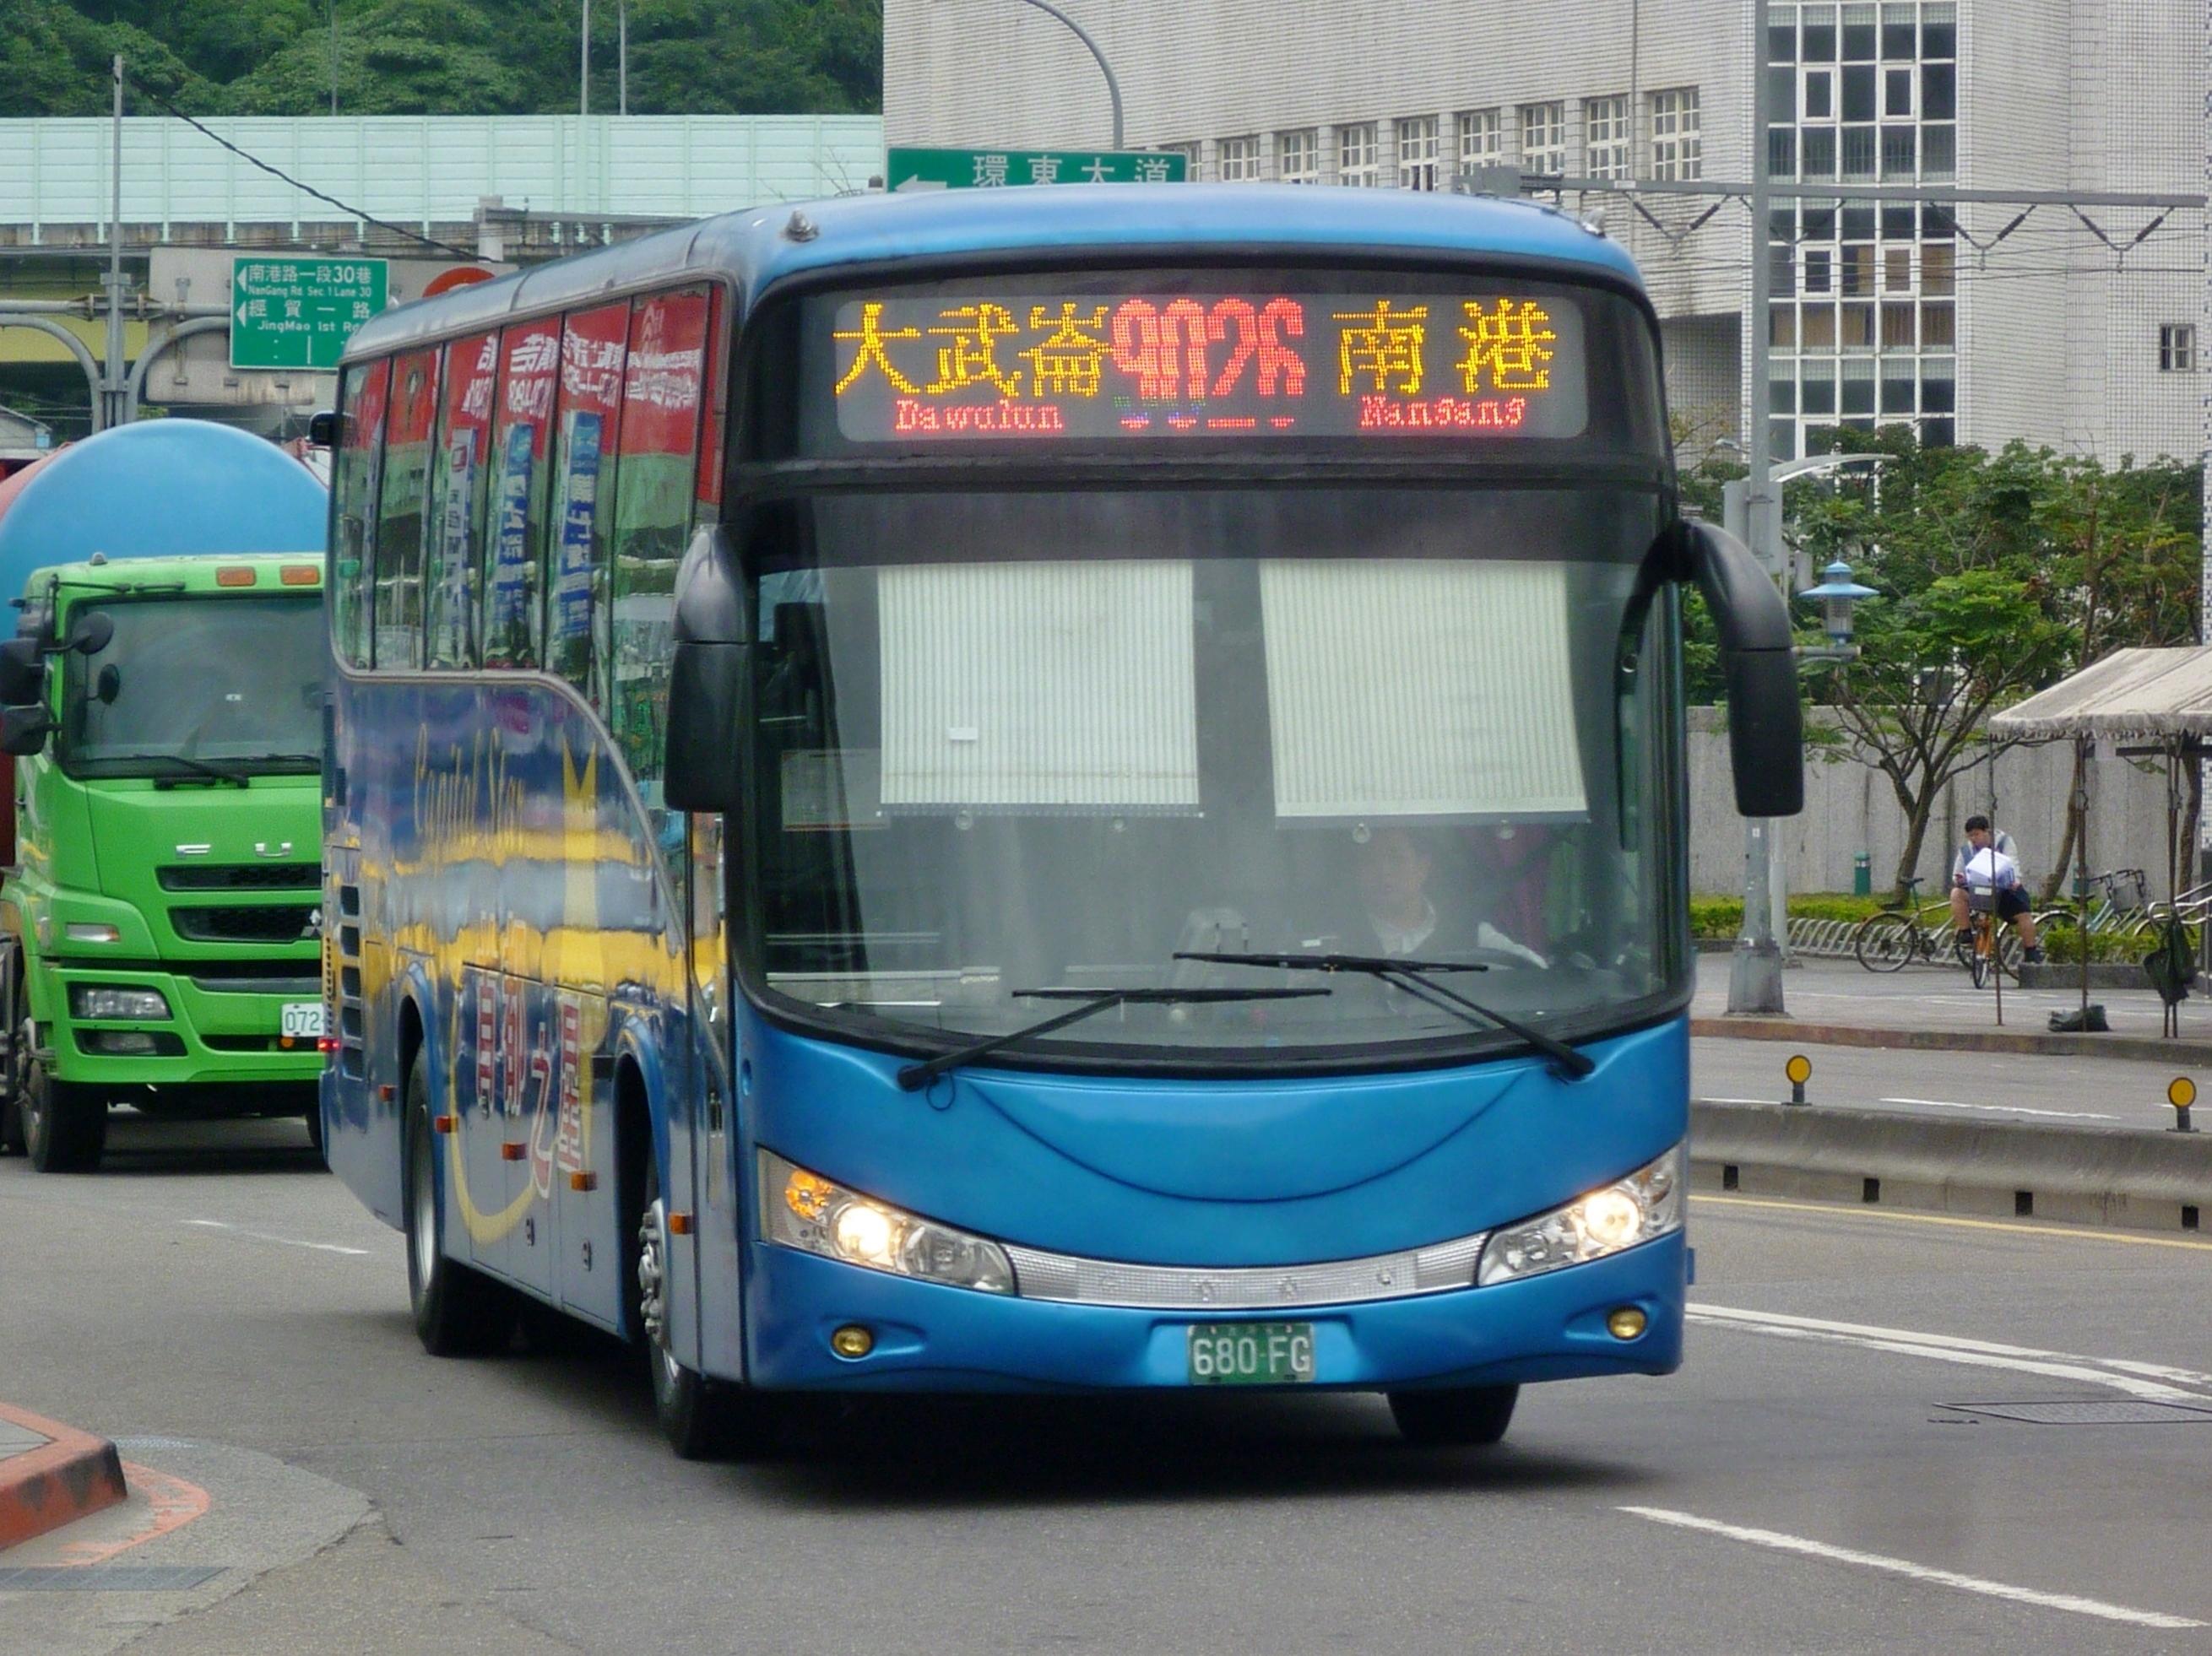 File:680-FG 9026 基隆大武崙-南港 南港路一段(捷